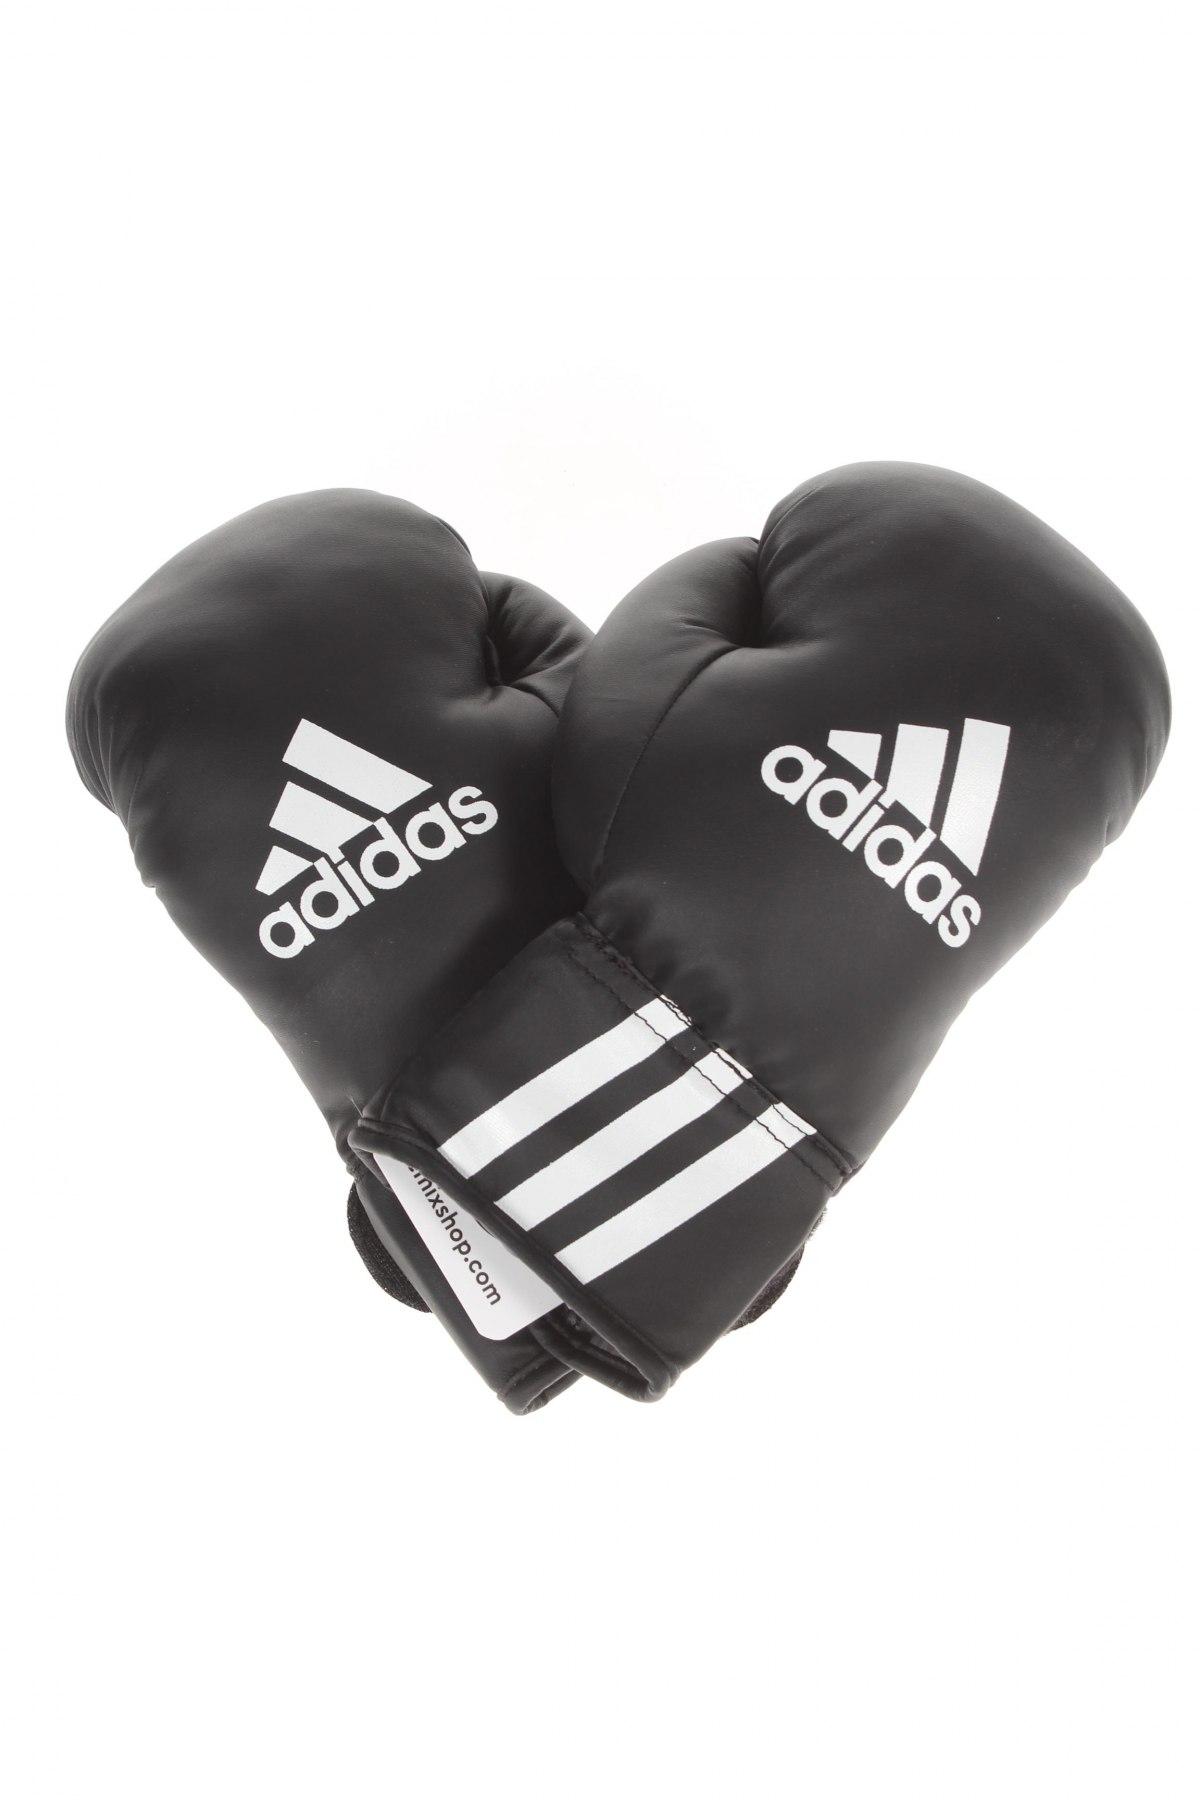 Γάντια για μποξ Adidas